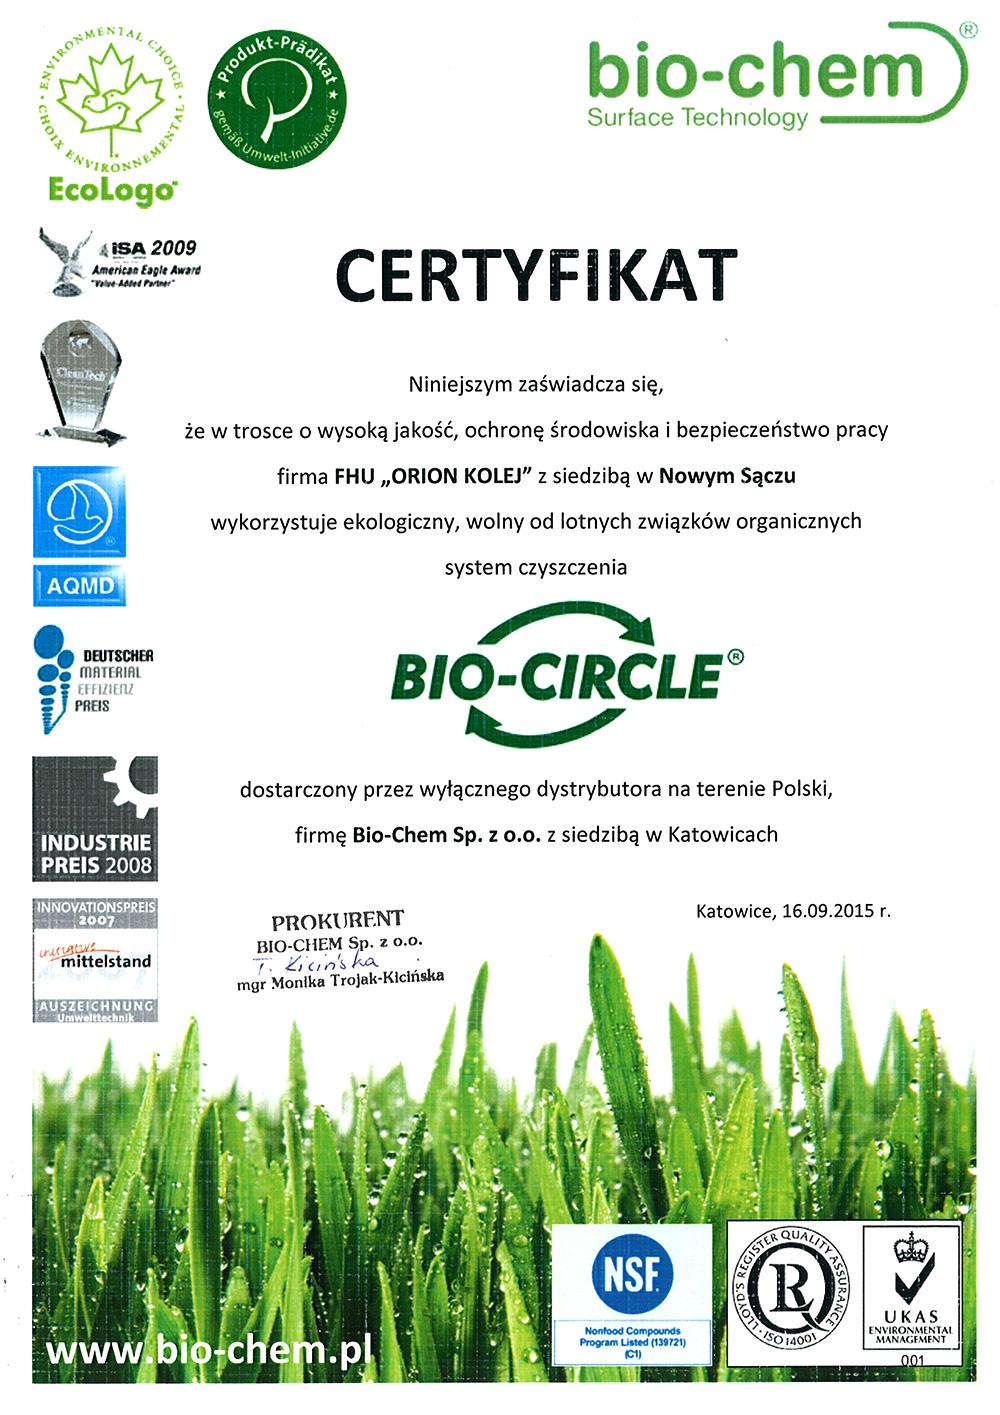 Certyfikat Ekologia Orion Kolej